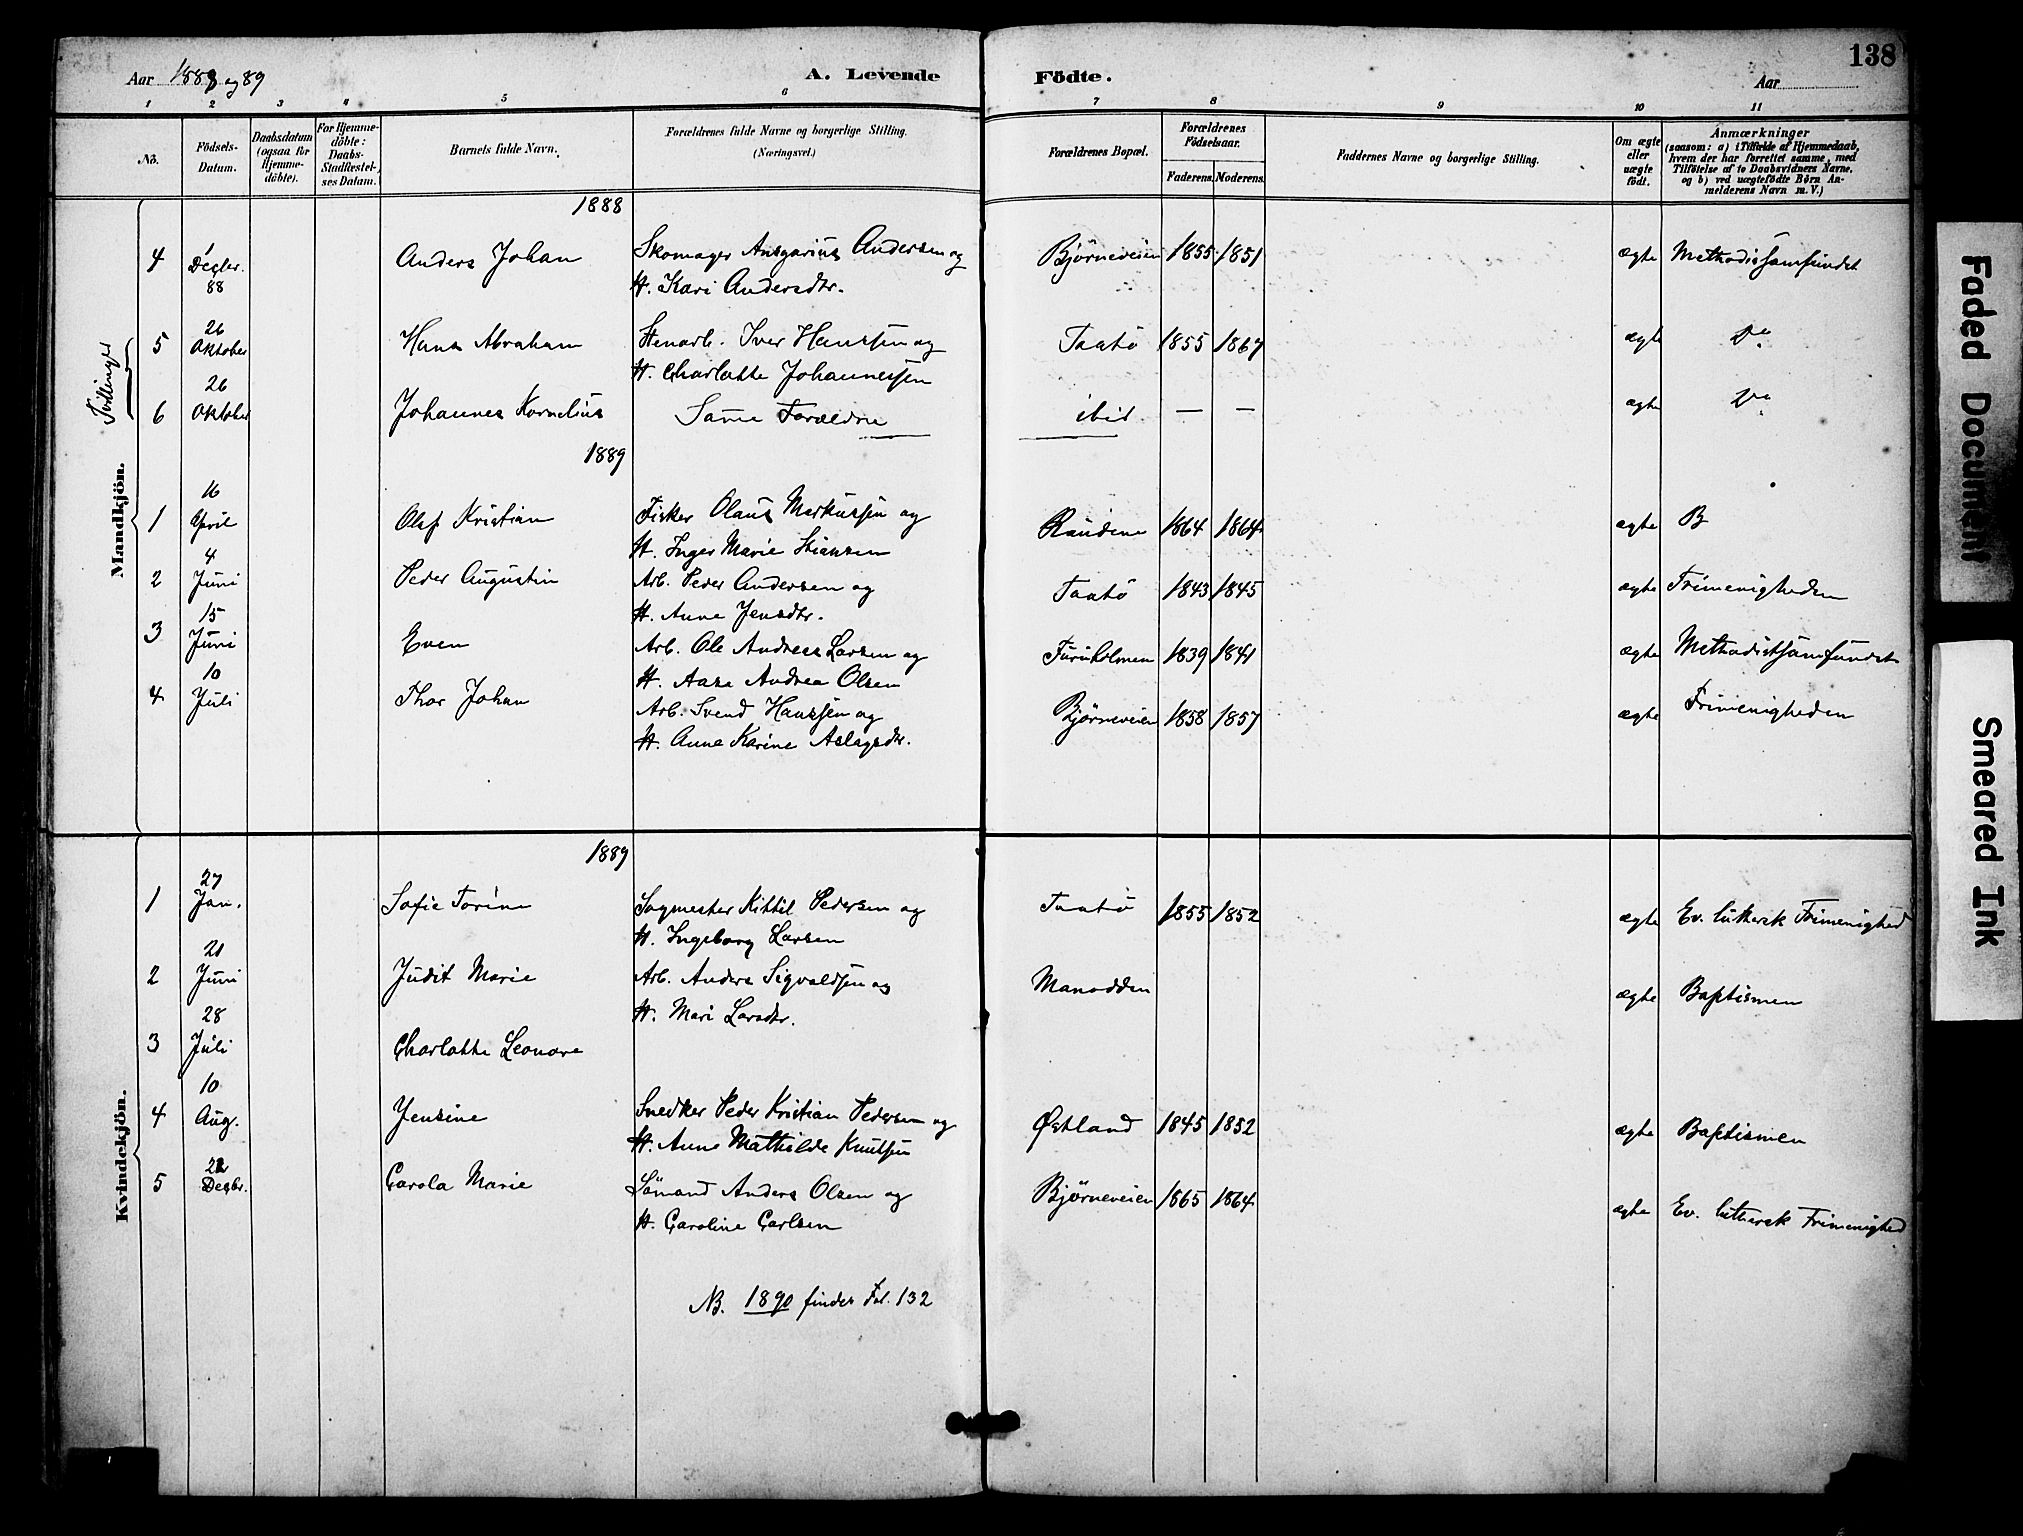 SAKO, Skåtøy kirkebøker, F/Fa/L0002: Ministerialbok nr. I 2, 1884-1899, s. 138